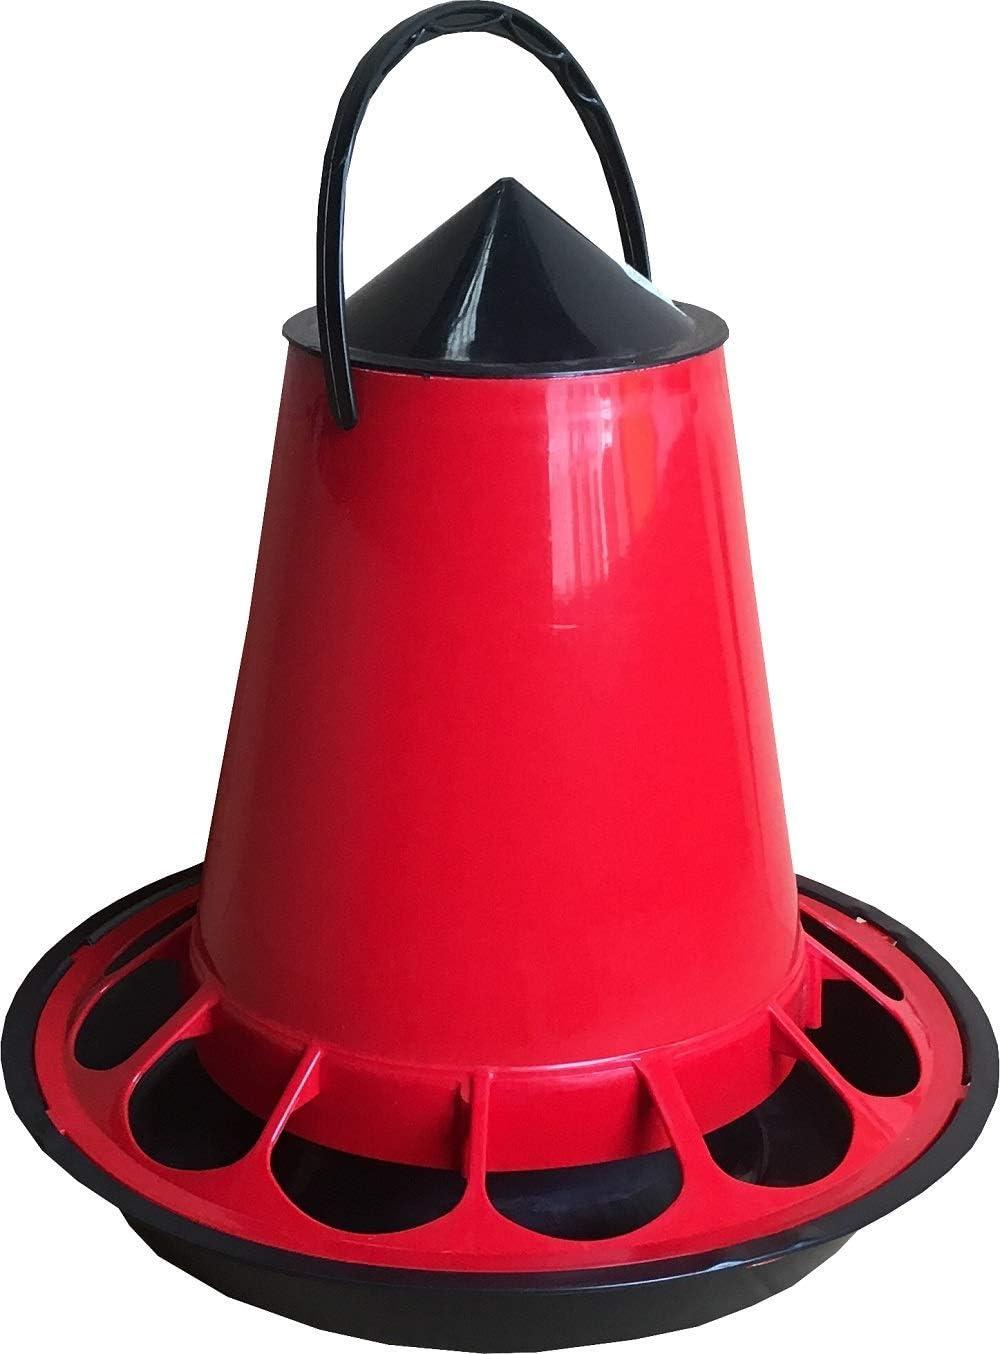 Comedero de Plástico Colgante o Suelo para Alimentar Aves de Corral, Gallinas y Pájaros - Capacidad 5 kg de Pienso